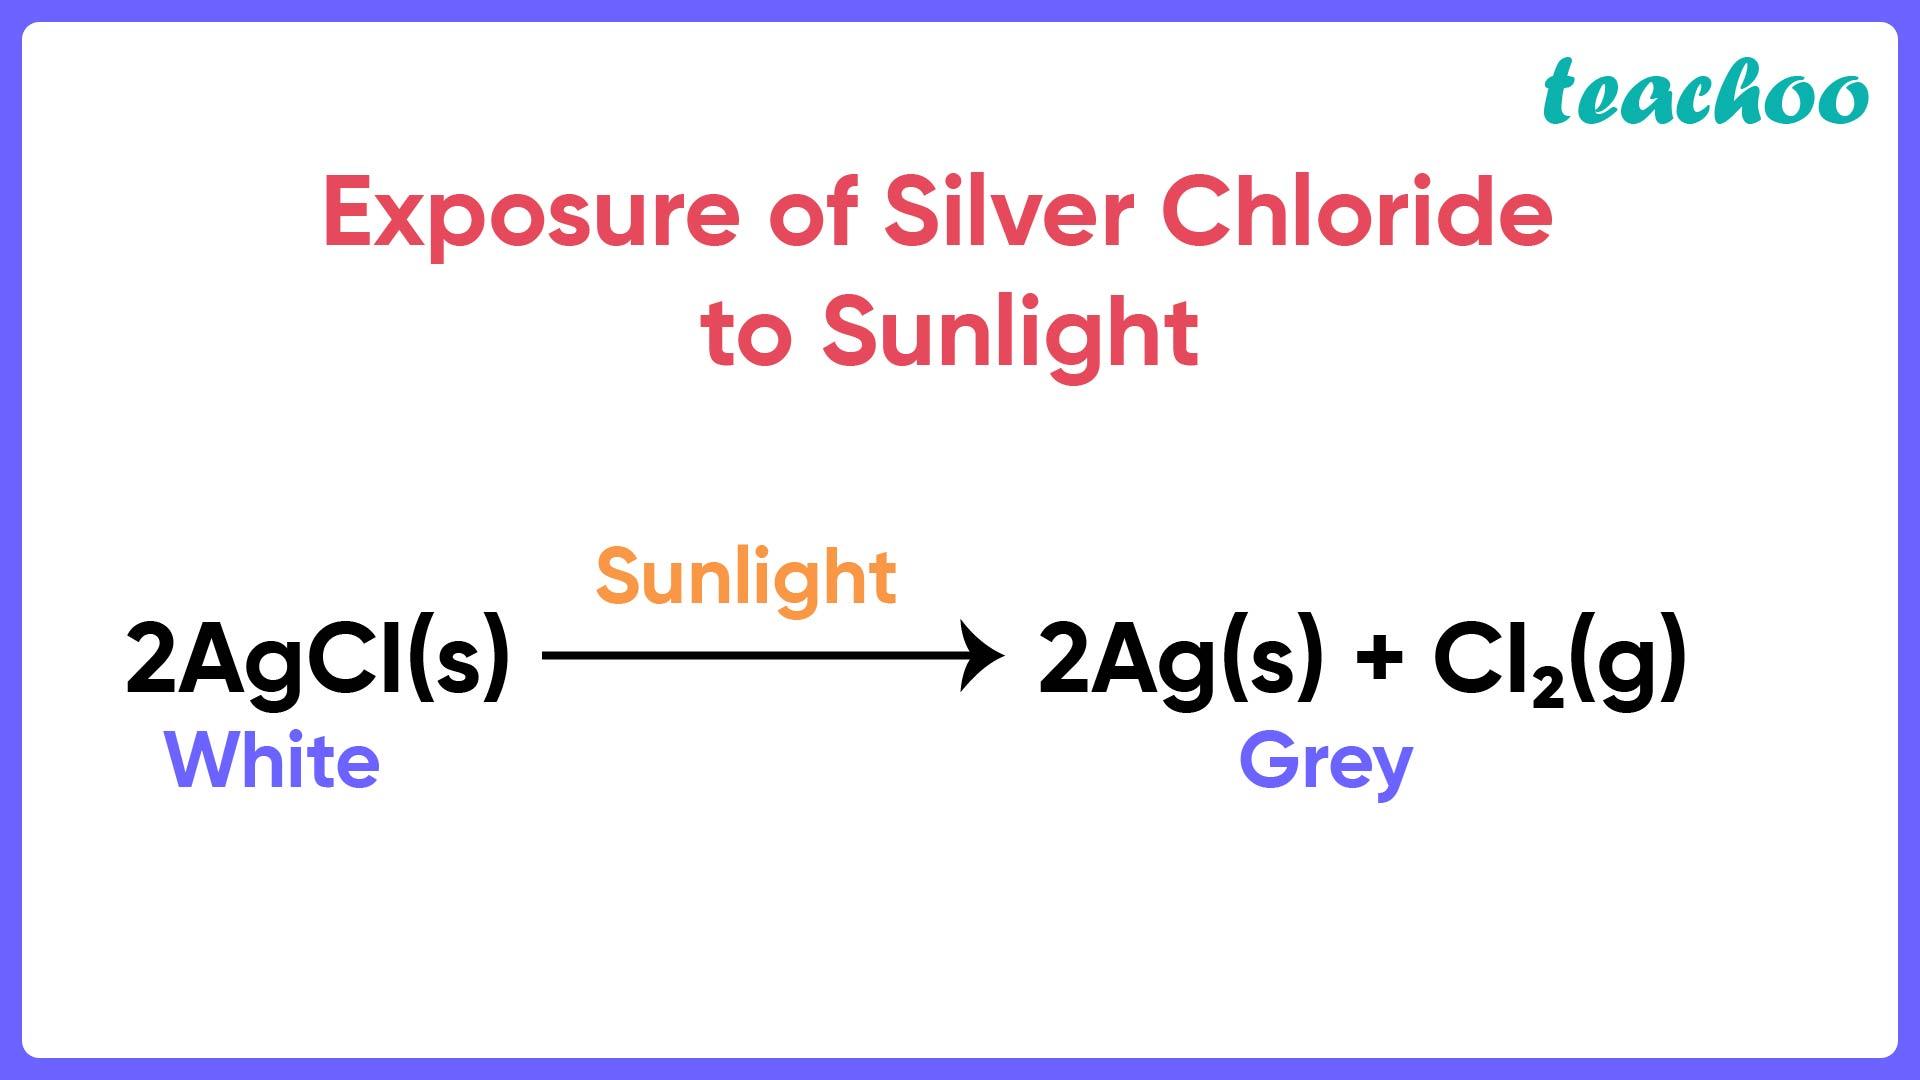 Exposure of Silver Chloride to Sunlight - Teachoo-01.jpg